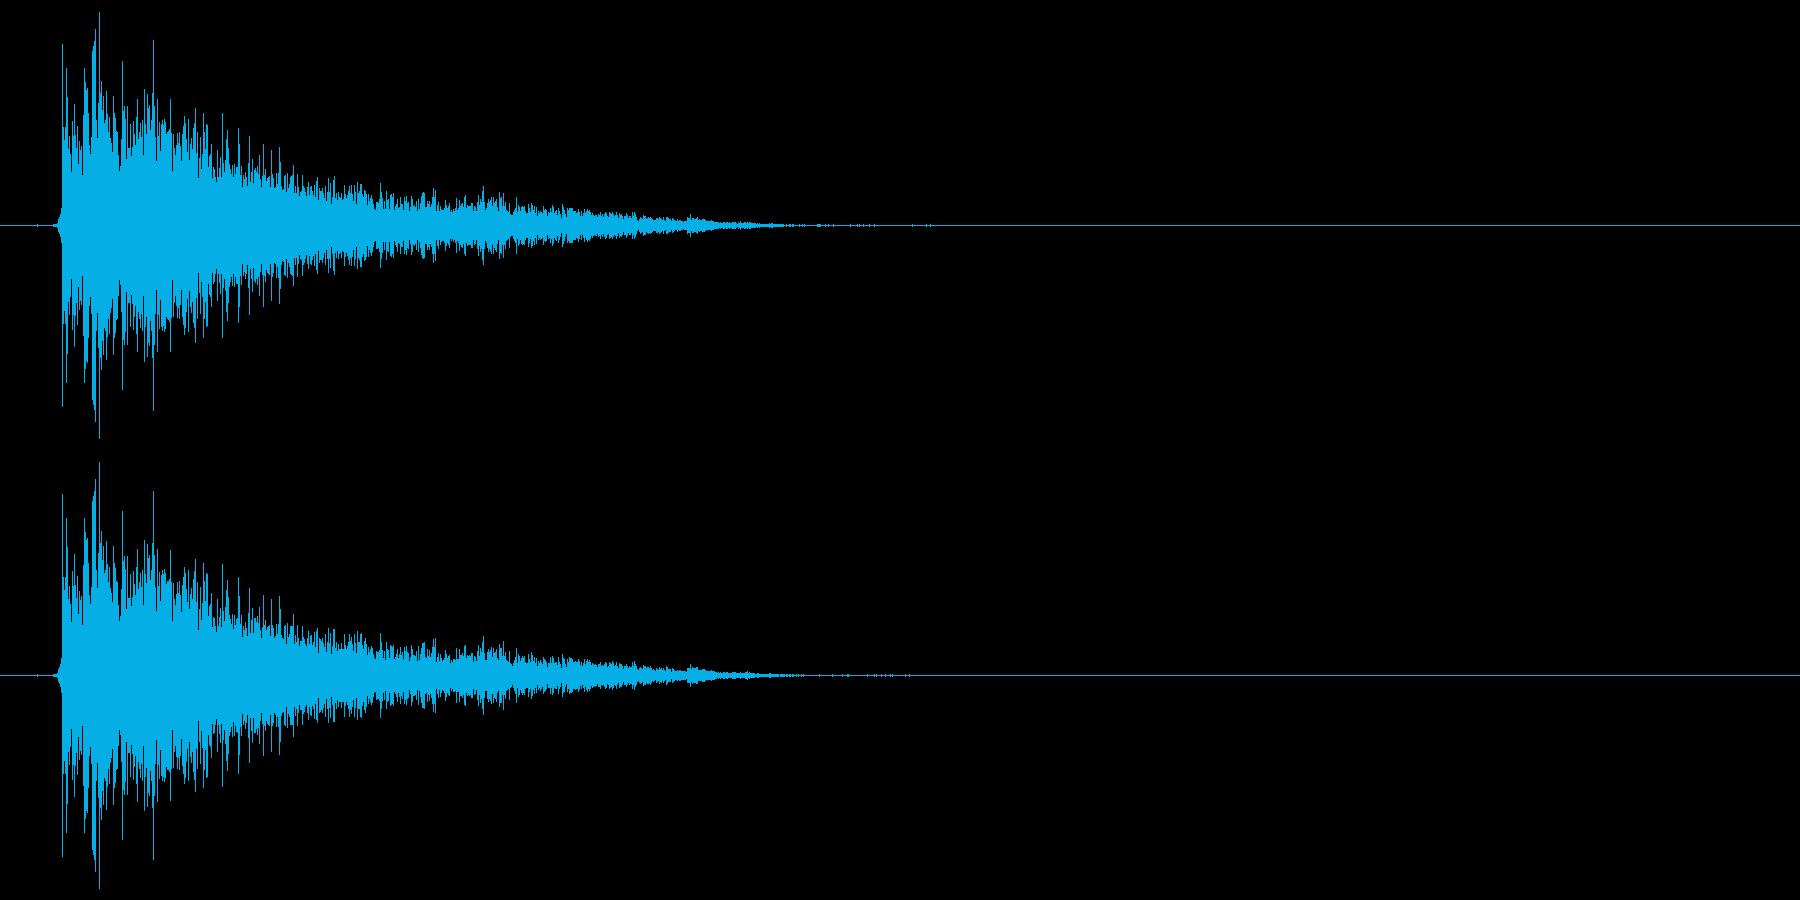 バスドラム+シンバル(ビシィー)の再生済みの波形